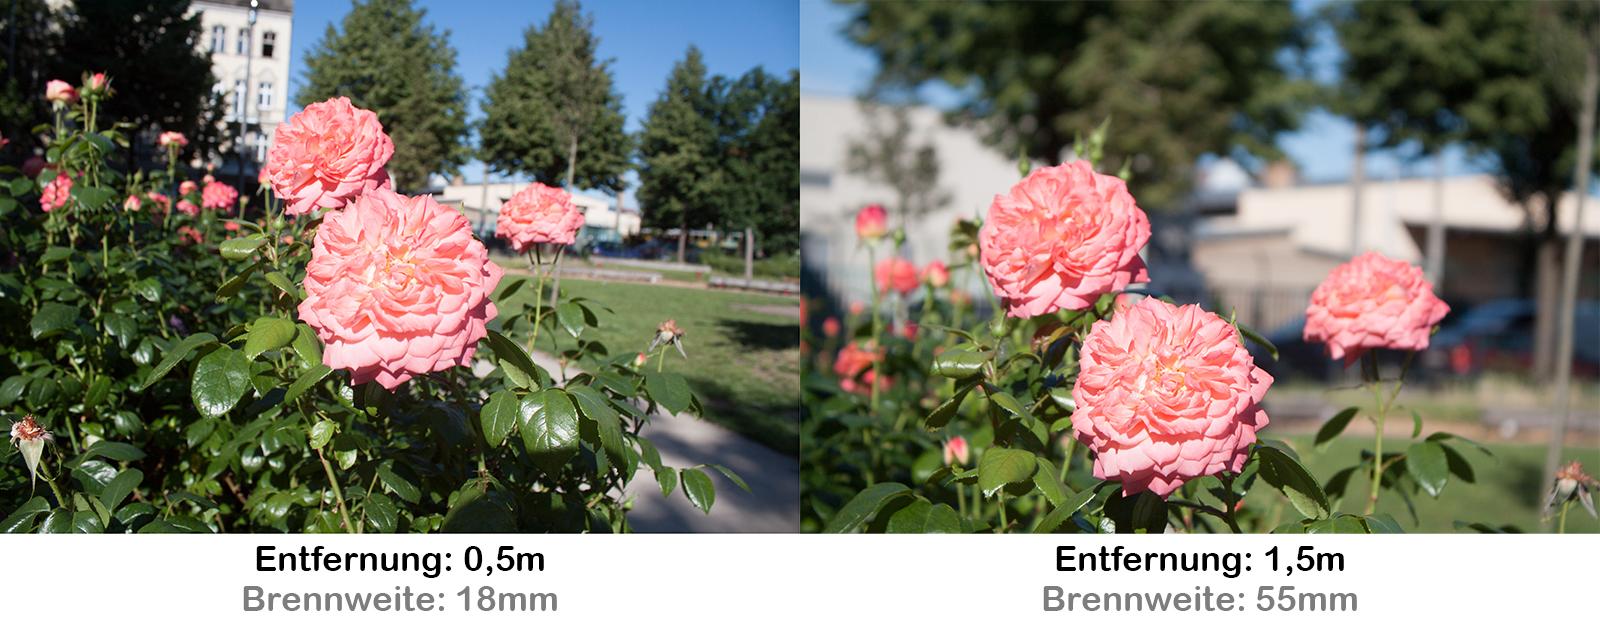 Rose im Hintergrund Bäume Beispiel für perspektivische Verzerrung